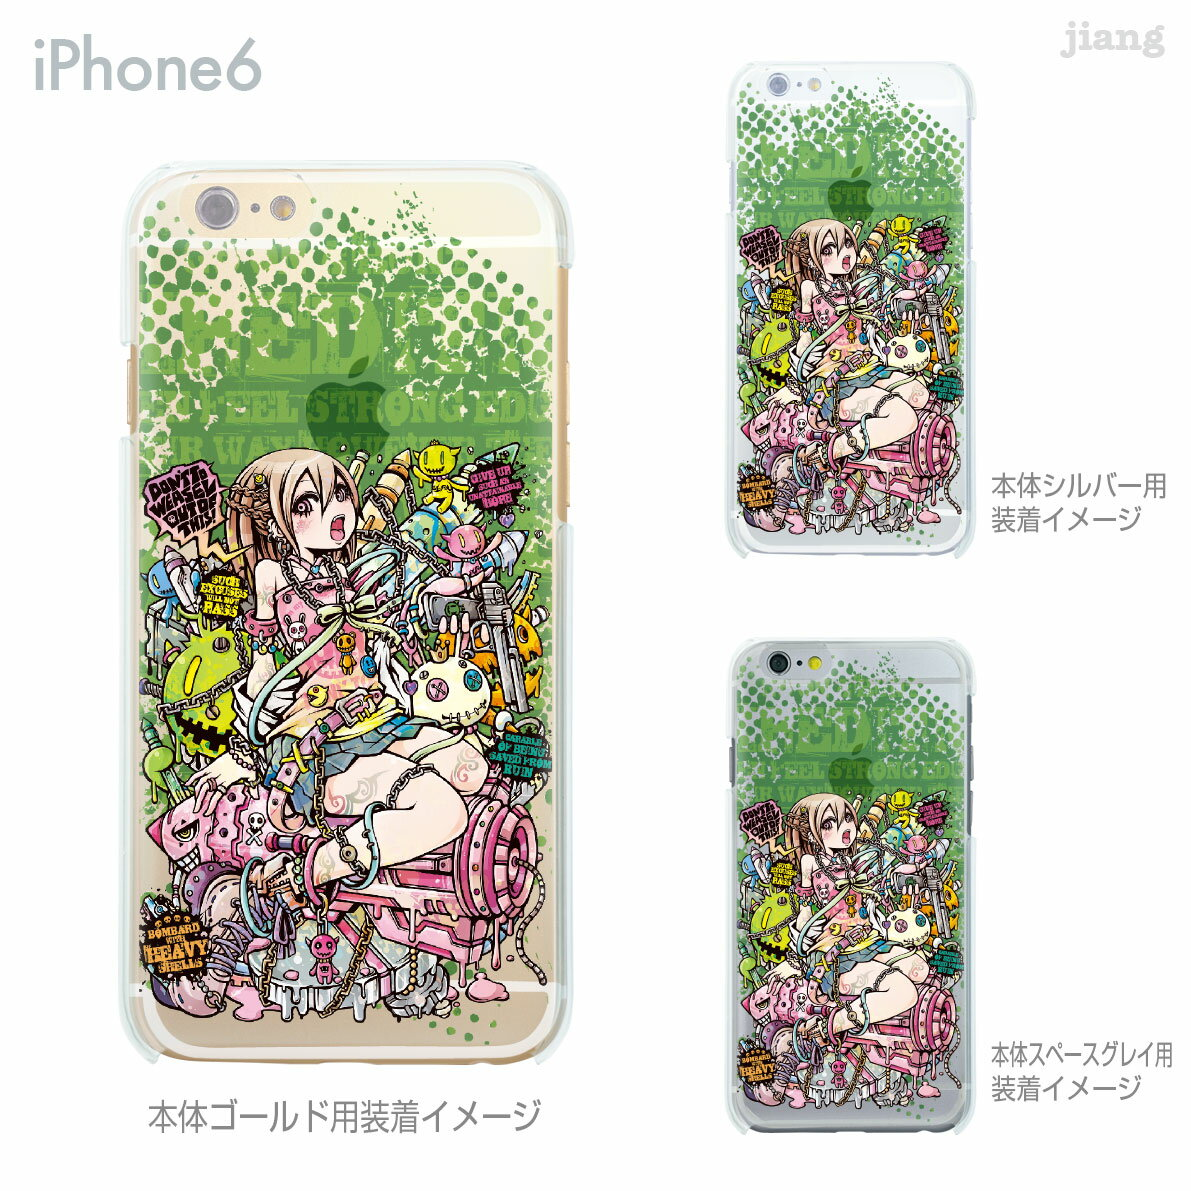 iPhoneX iPhone X ケース iPhone8 iPhone7ケース iPhone7 Plus iPhone6s iPhone6 Plus iphone ハードケース Clear Arts ケース カバー スマホケース クリアケース Project.C.K. IMPACT 11-ip6-ca0011-s